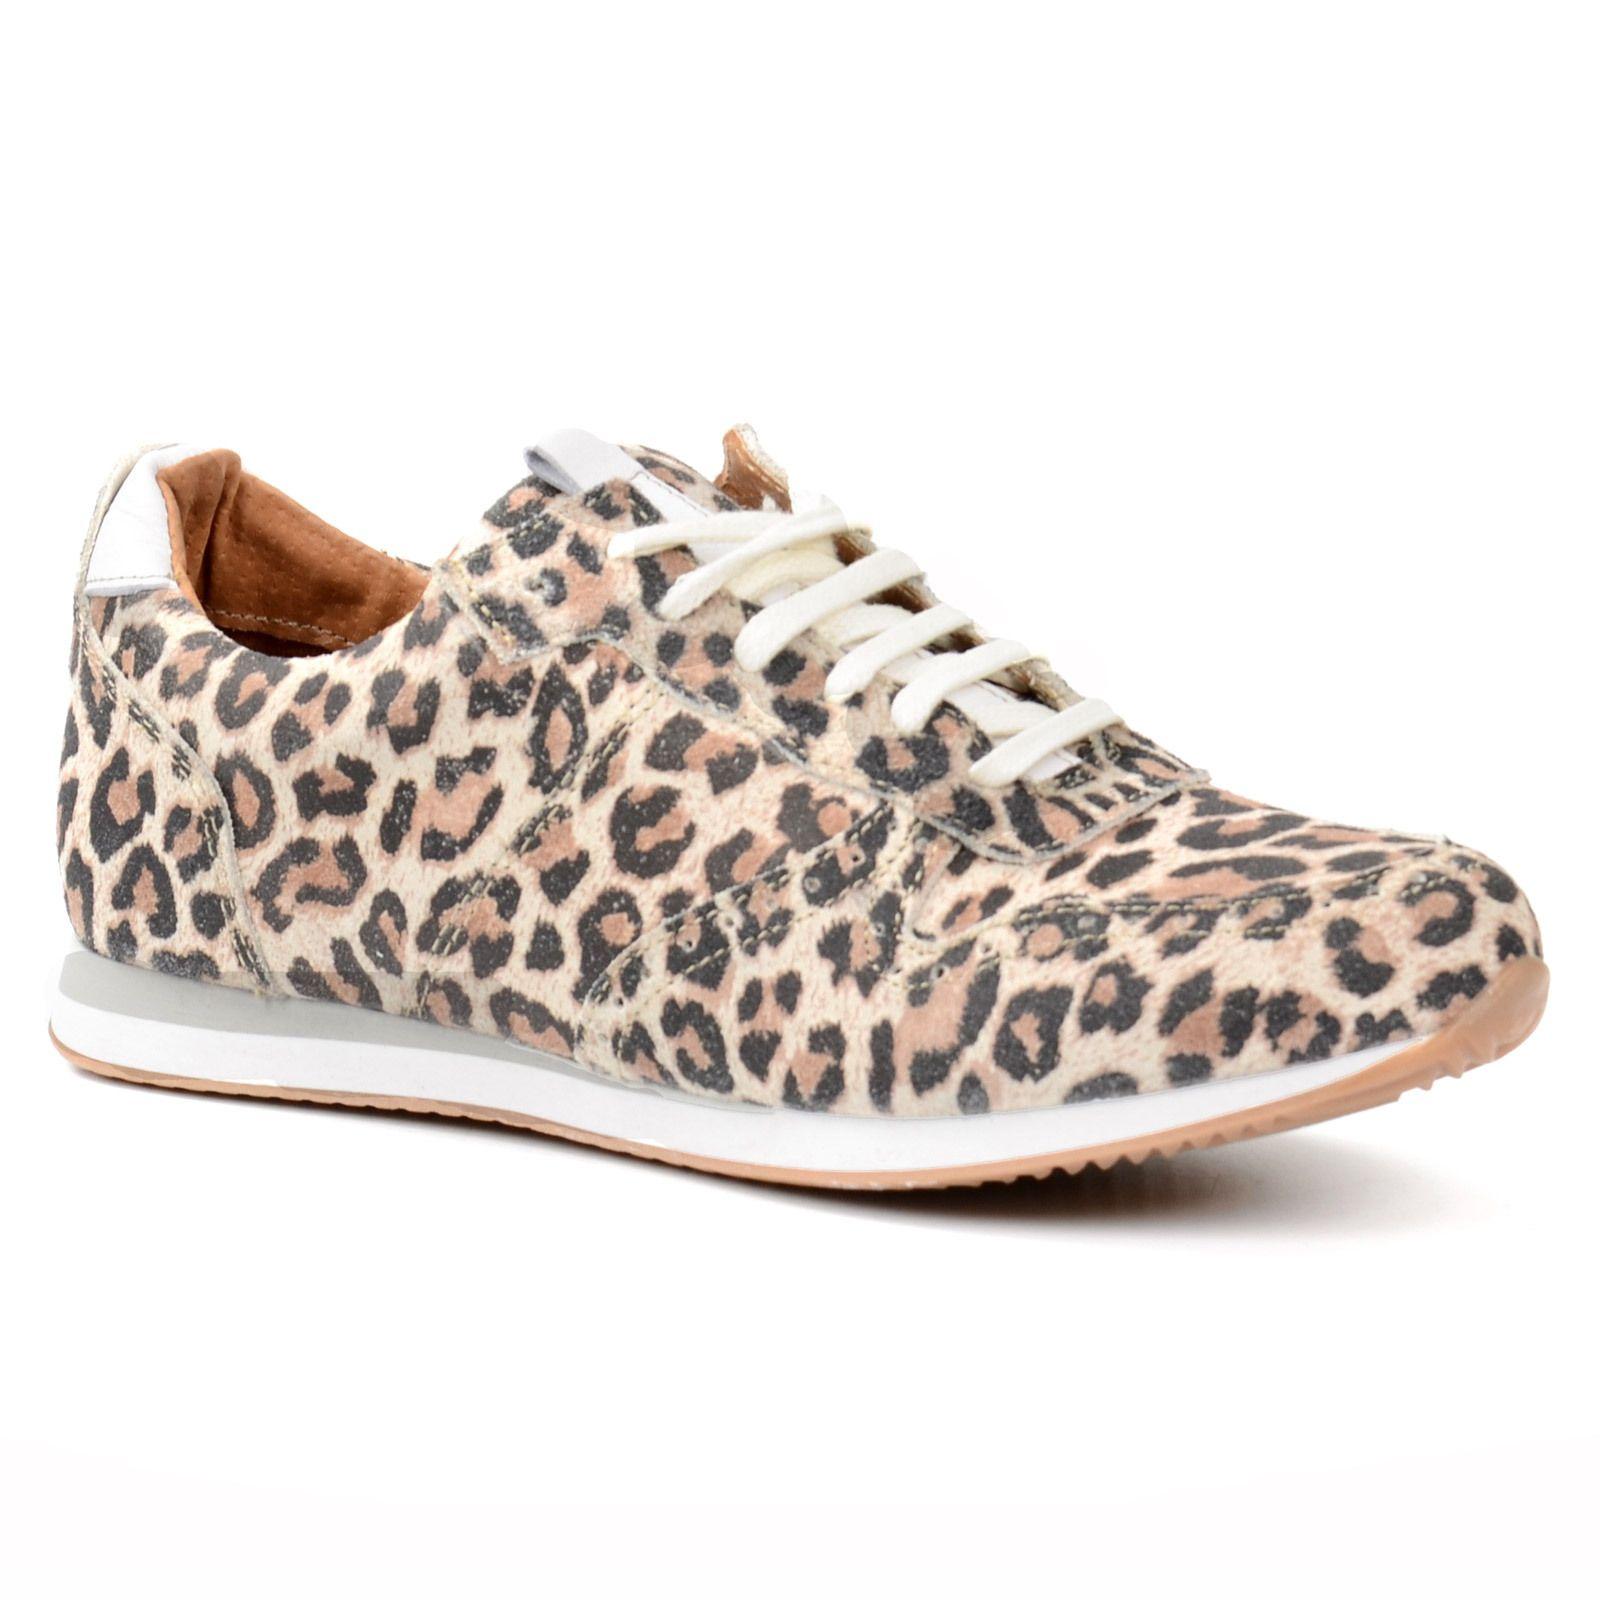 Genoeg Sneakers luipaard print - Amazing footwear   Pinterest - Dames  RH81